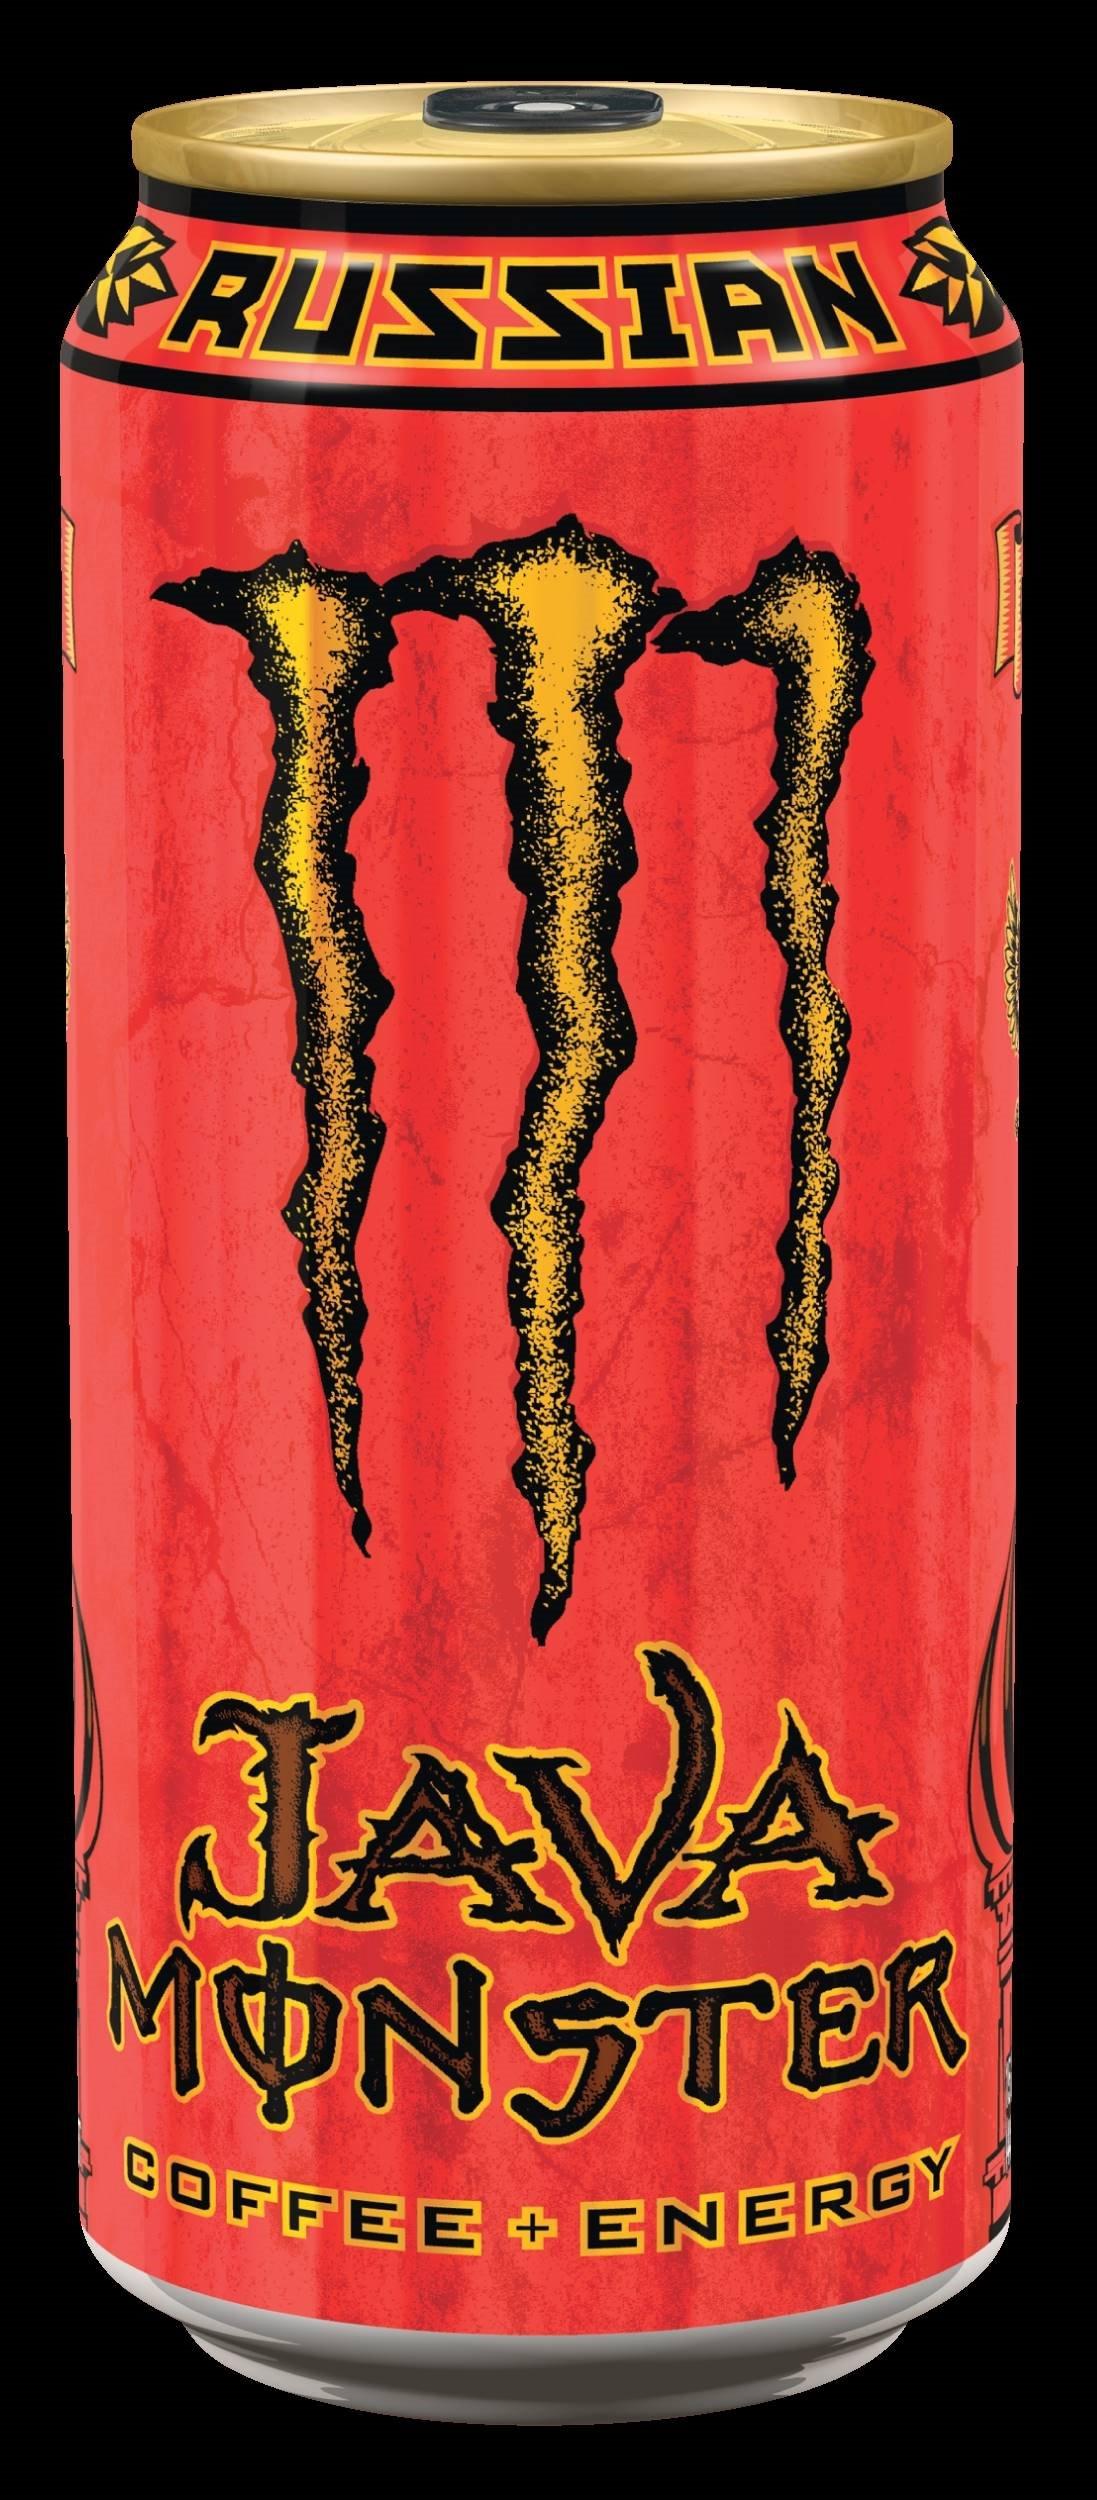 Monster energy fan here XP Java-monster-russian1